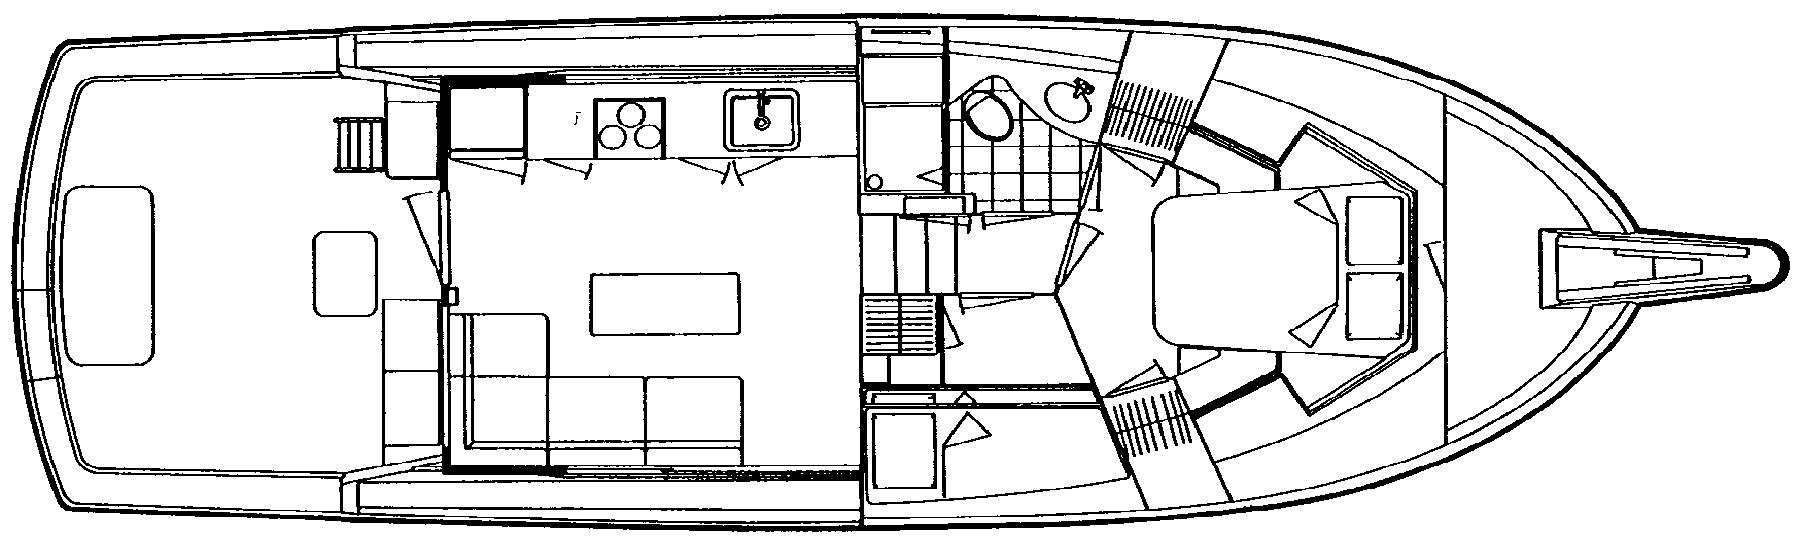 41 Convertible Floor Plan 2